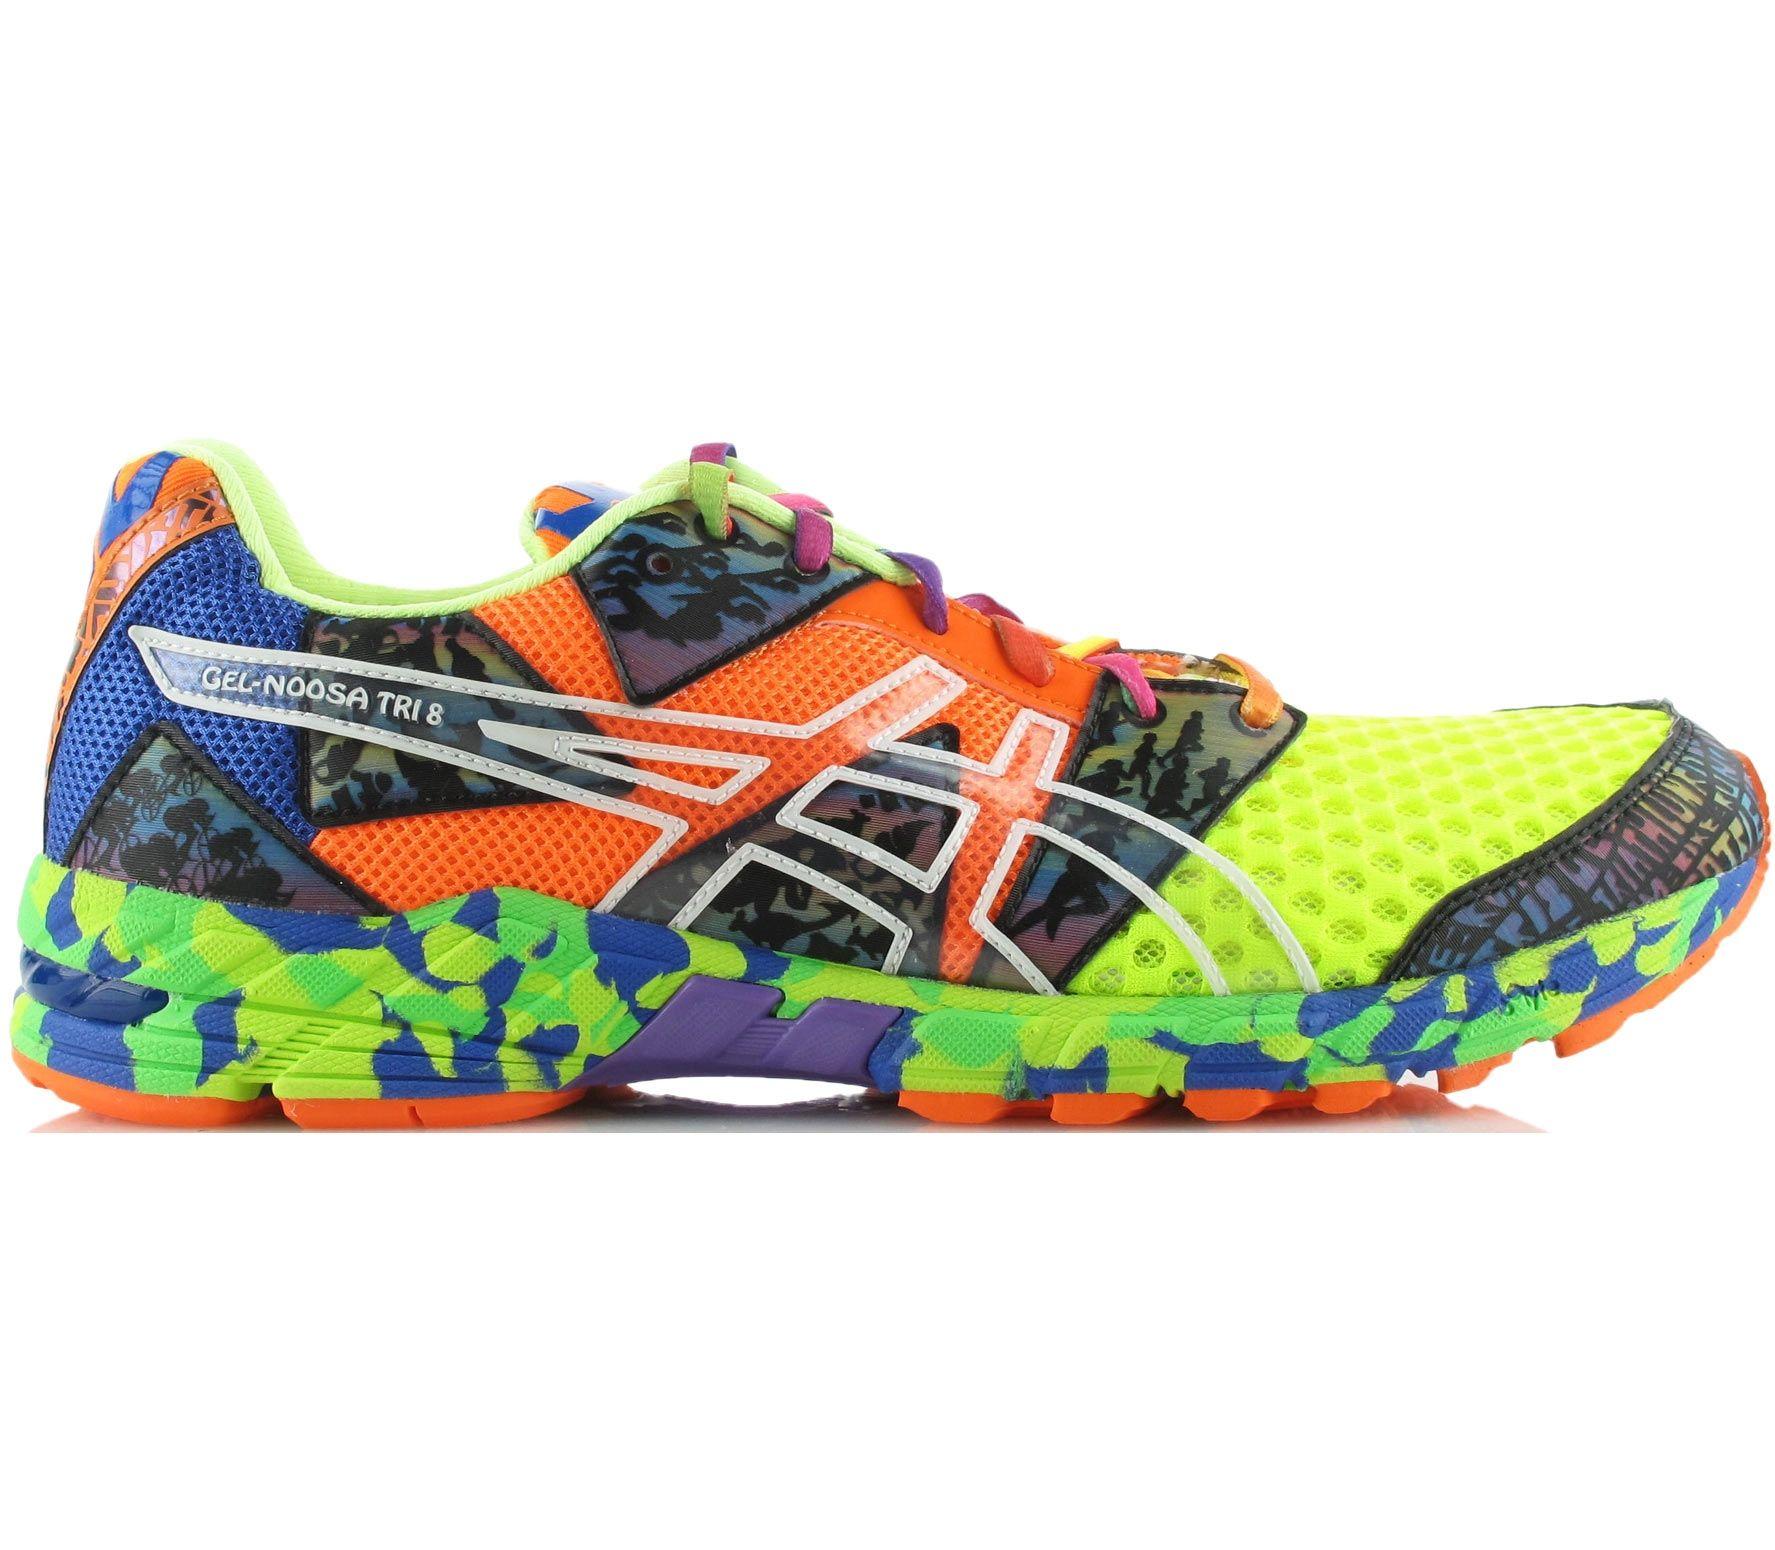 asics zapatillas running mujer gel-noosa tri 8 - fs 13